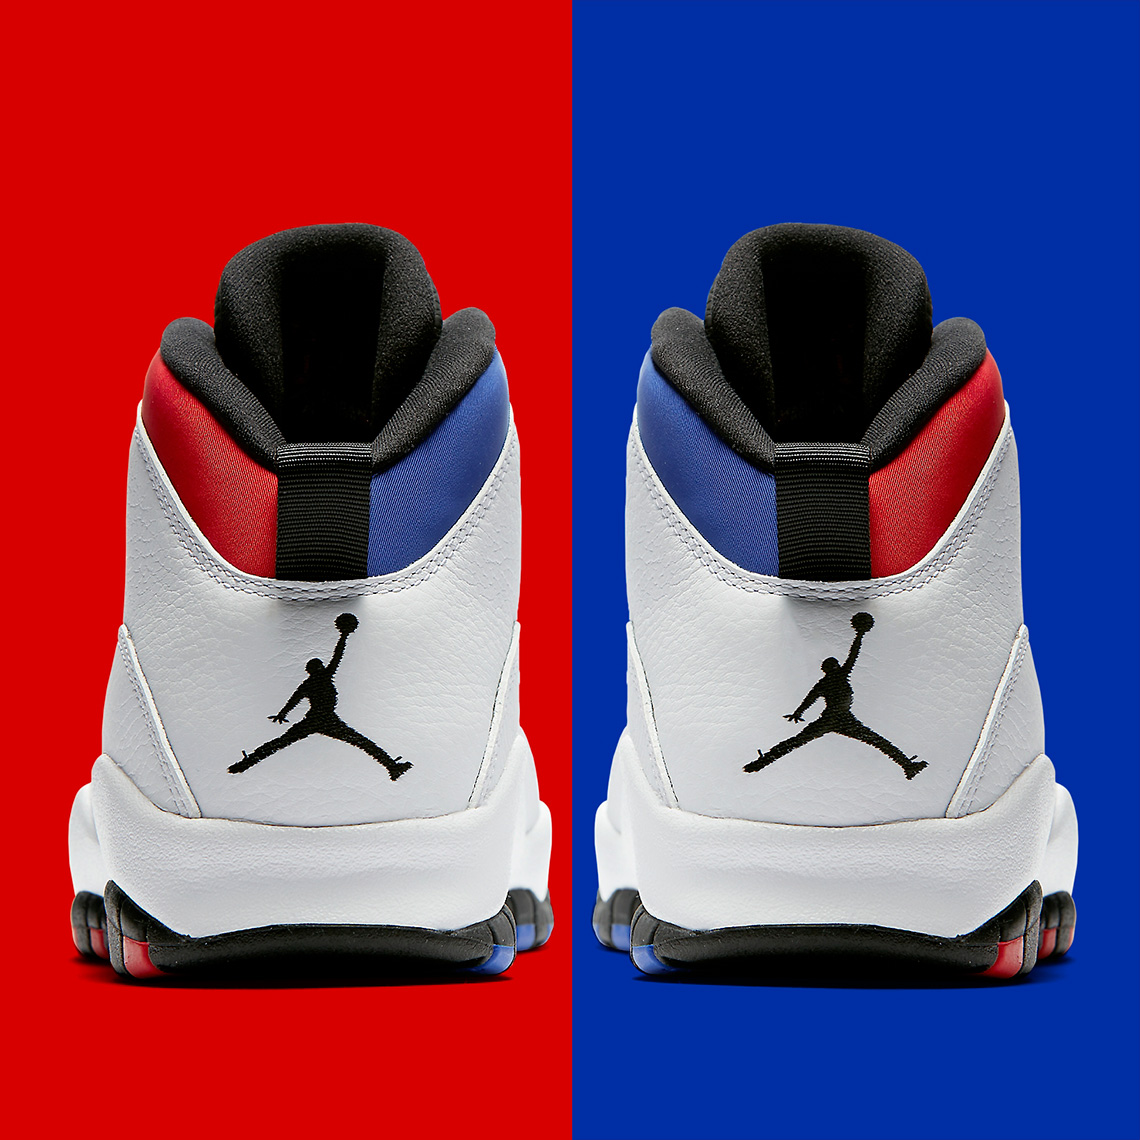 brand new cc8ff 4ceac Air Jordan 10 Graduation Where To Buy   SneakerNews.com